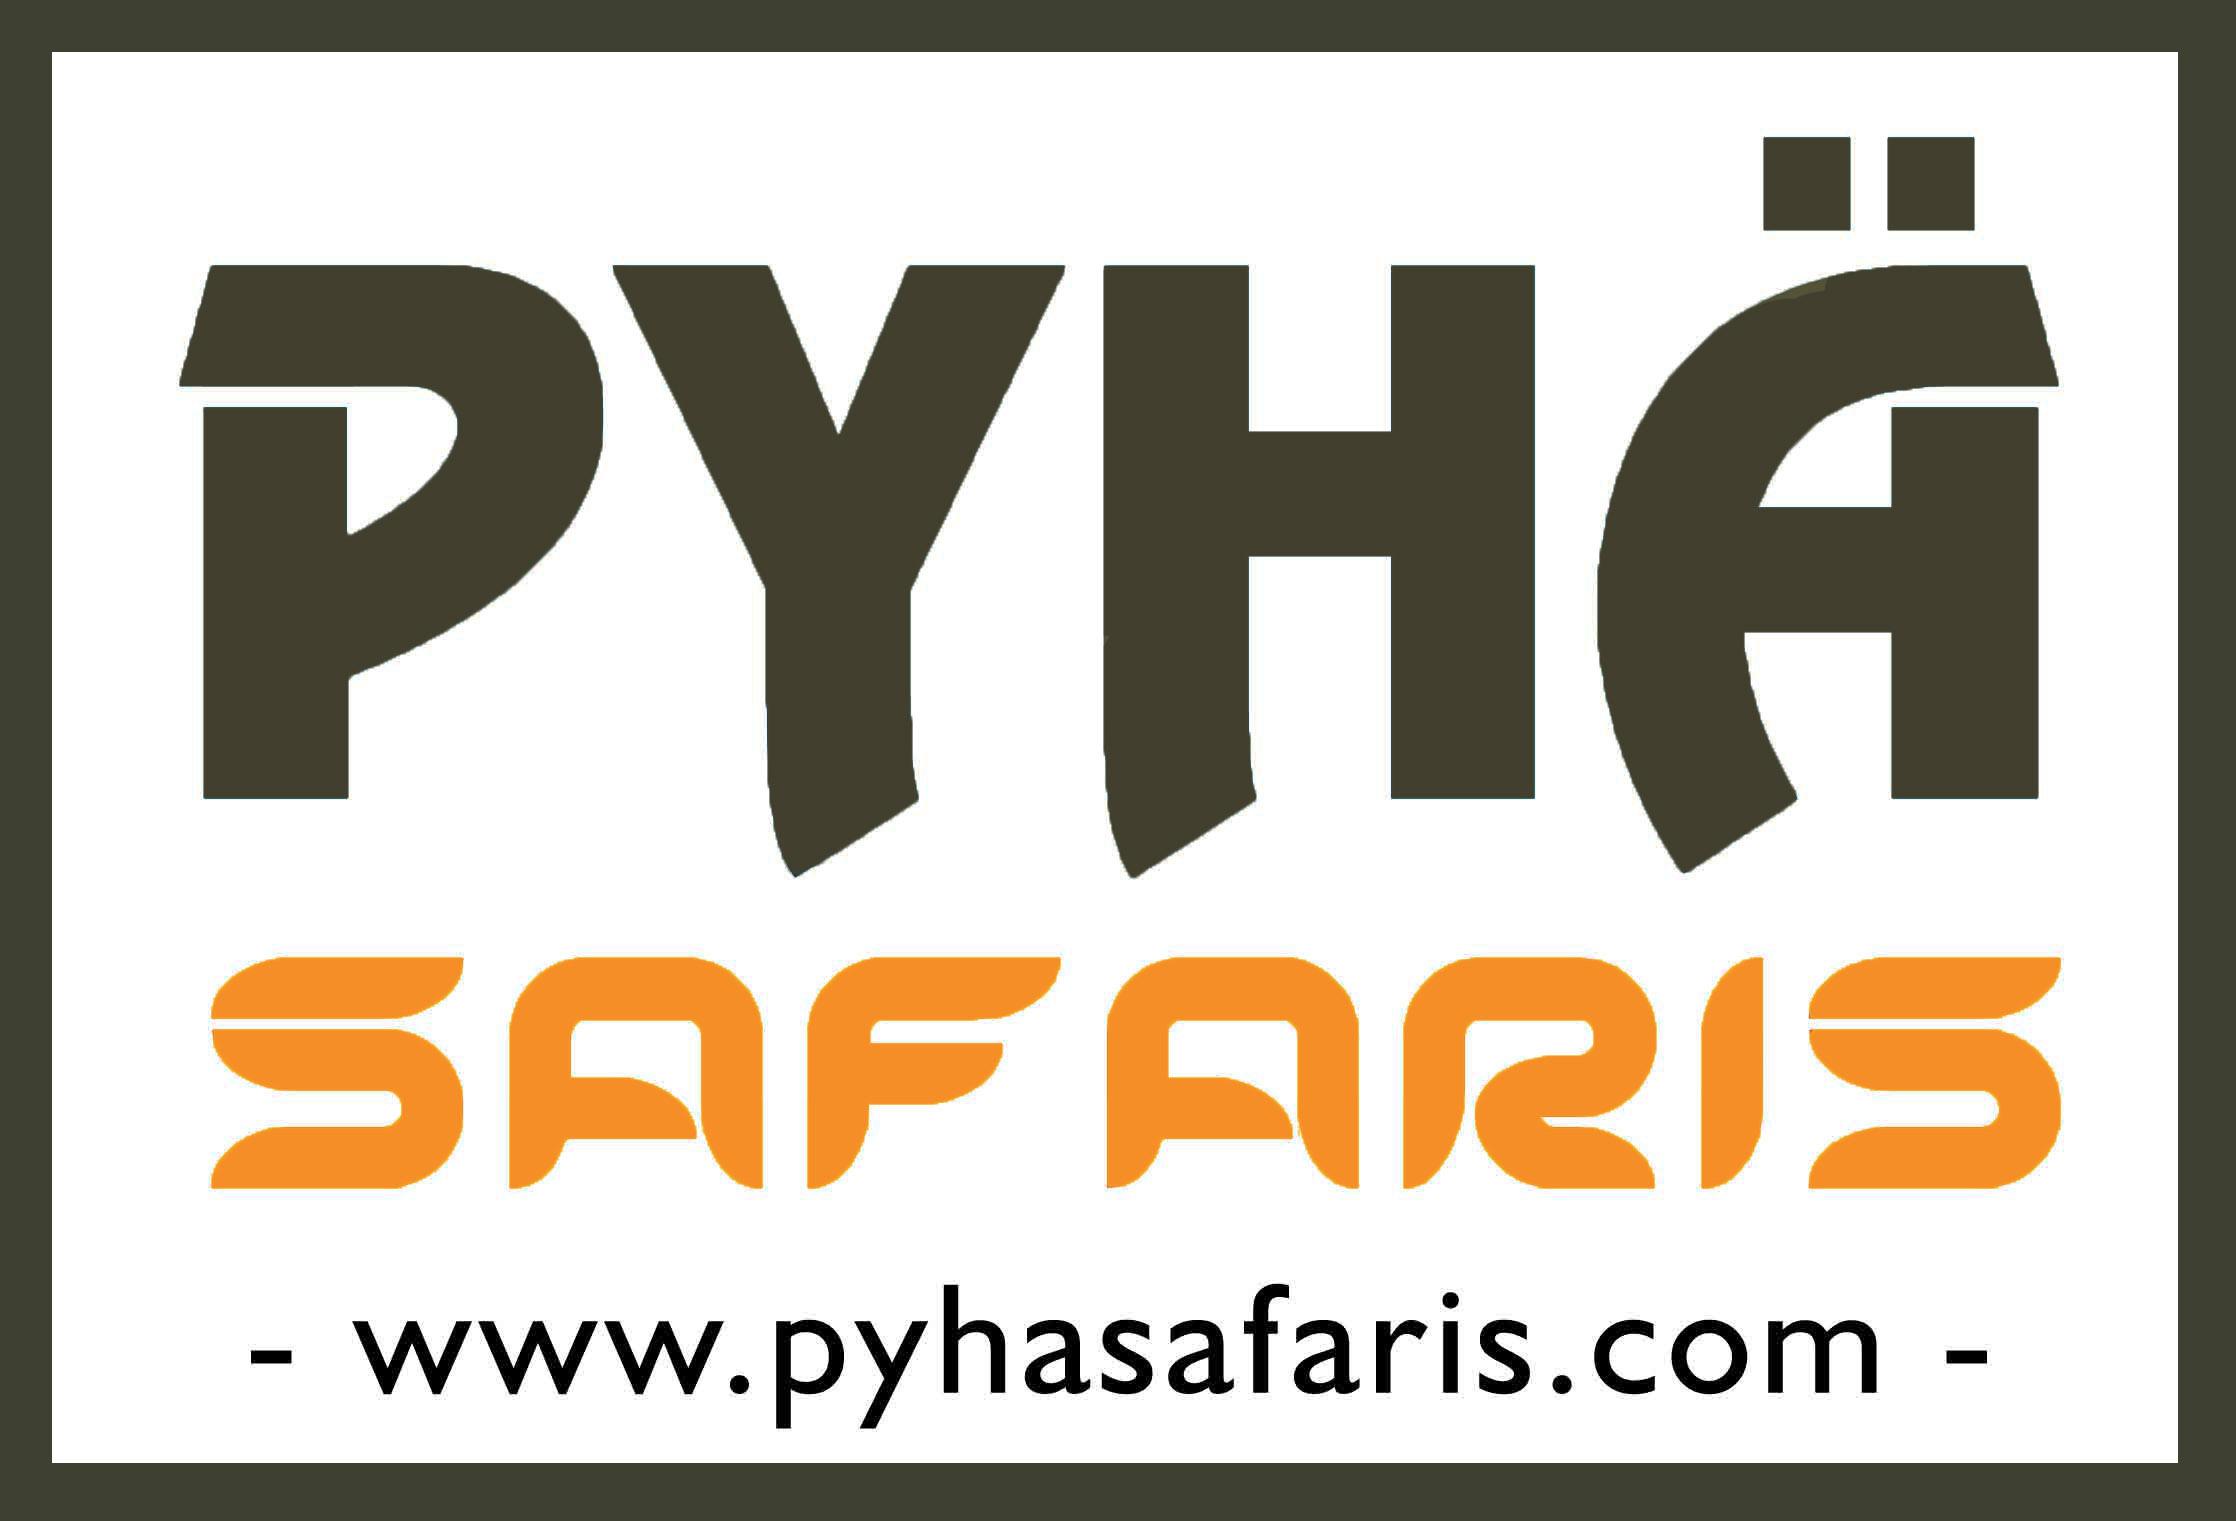 Pyhasafaris Ohjelmapalvelu